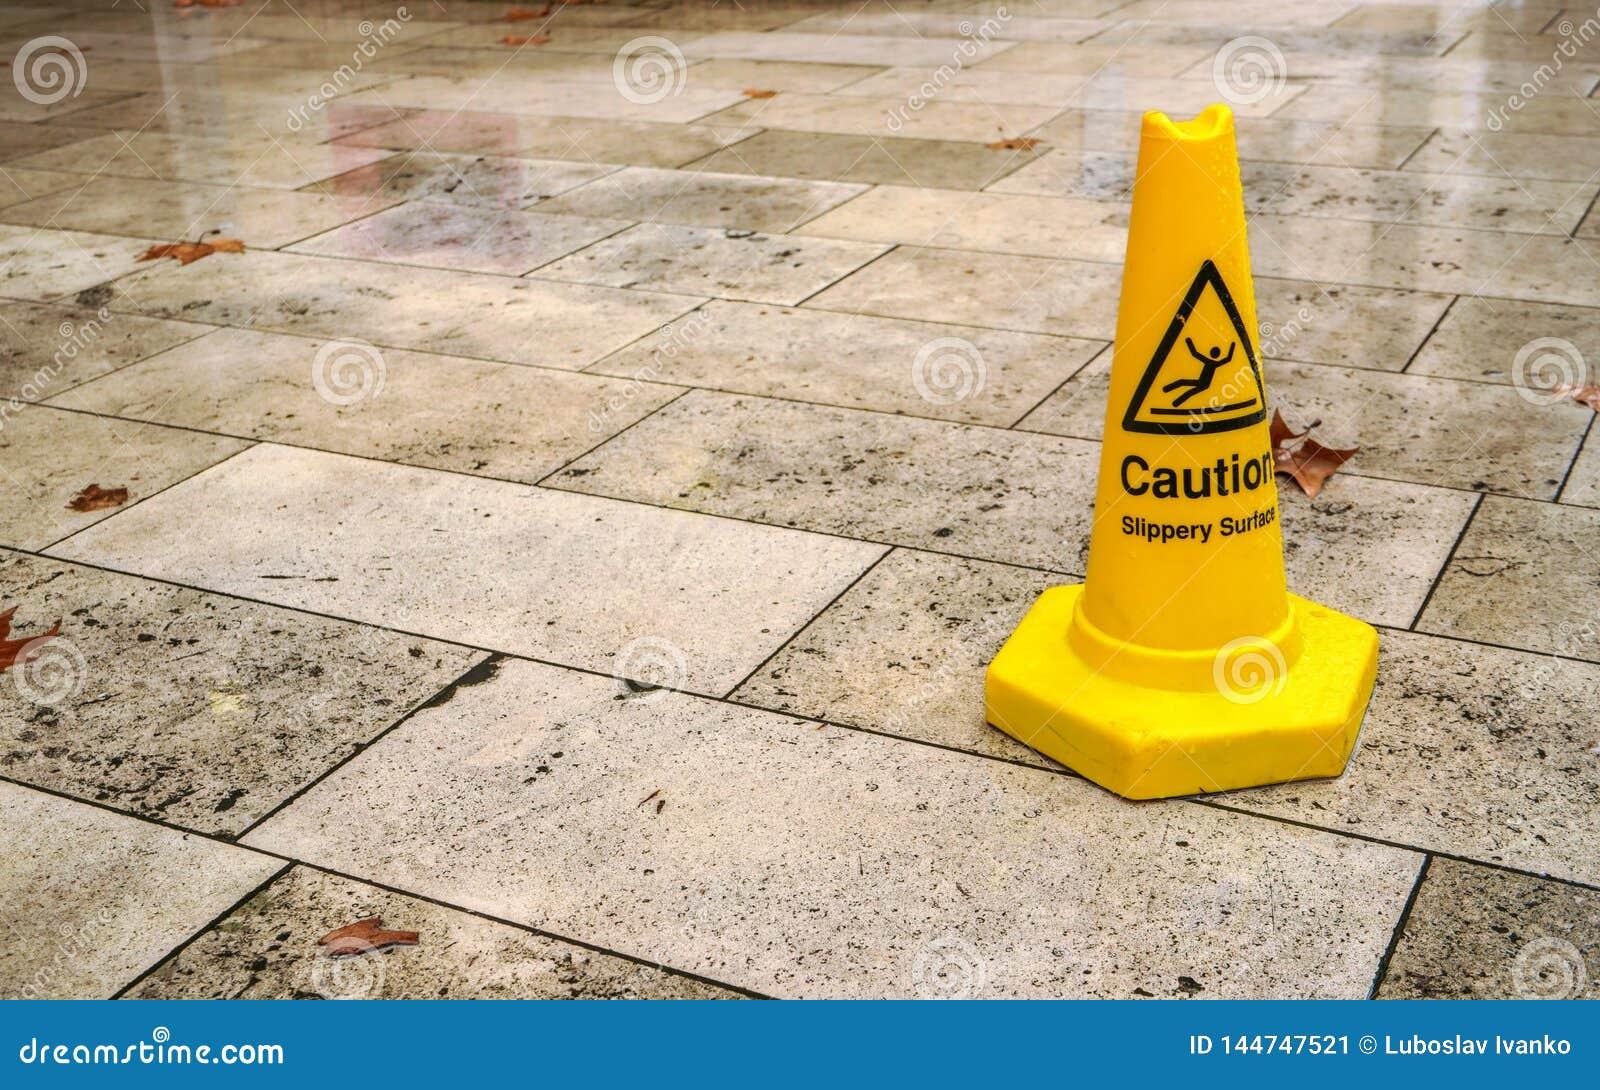 黄色小心地锥体溜滑表面标志,在湿路面瓦片